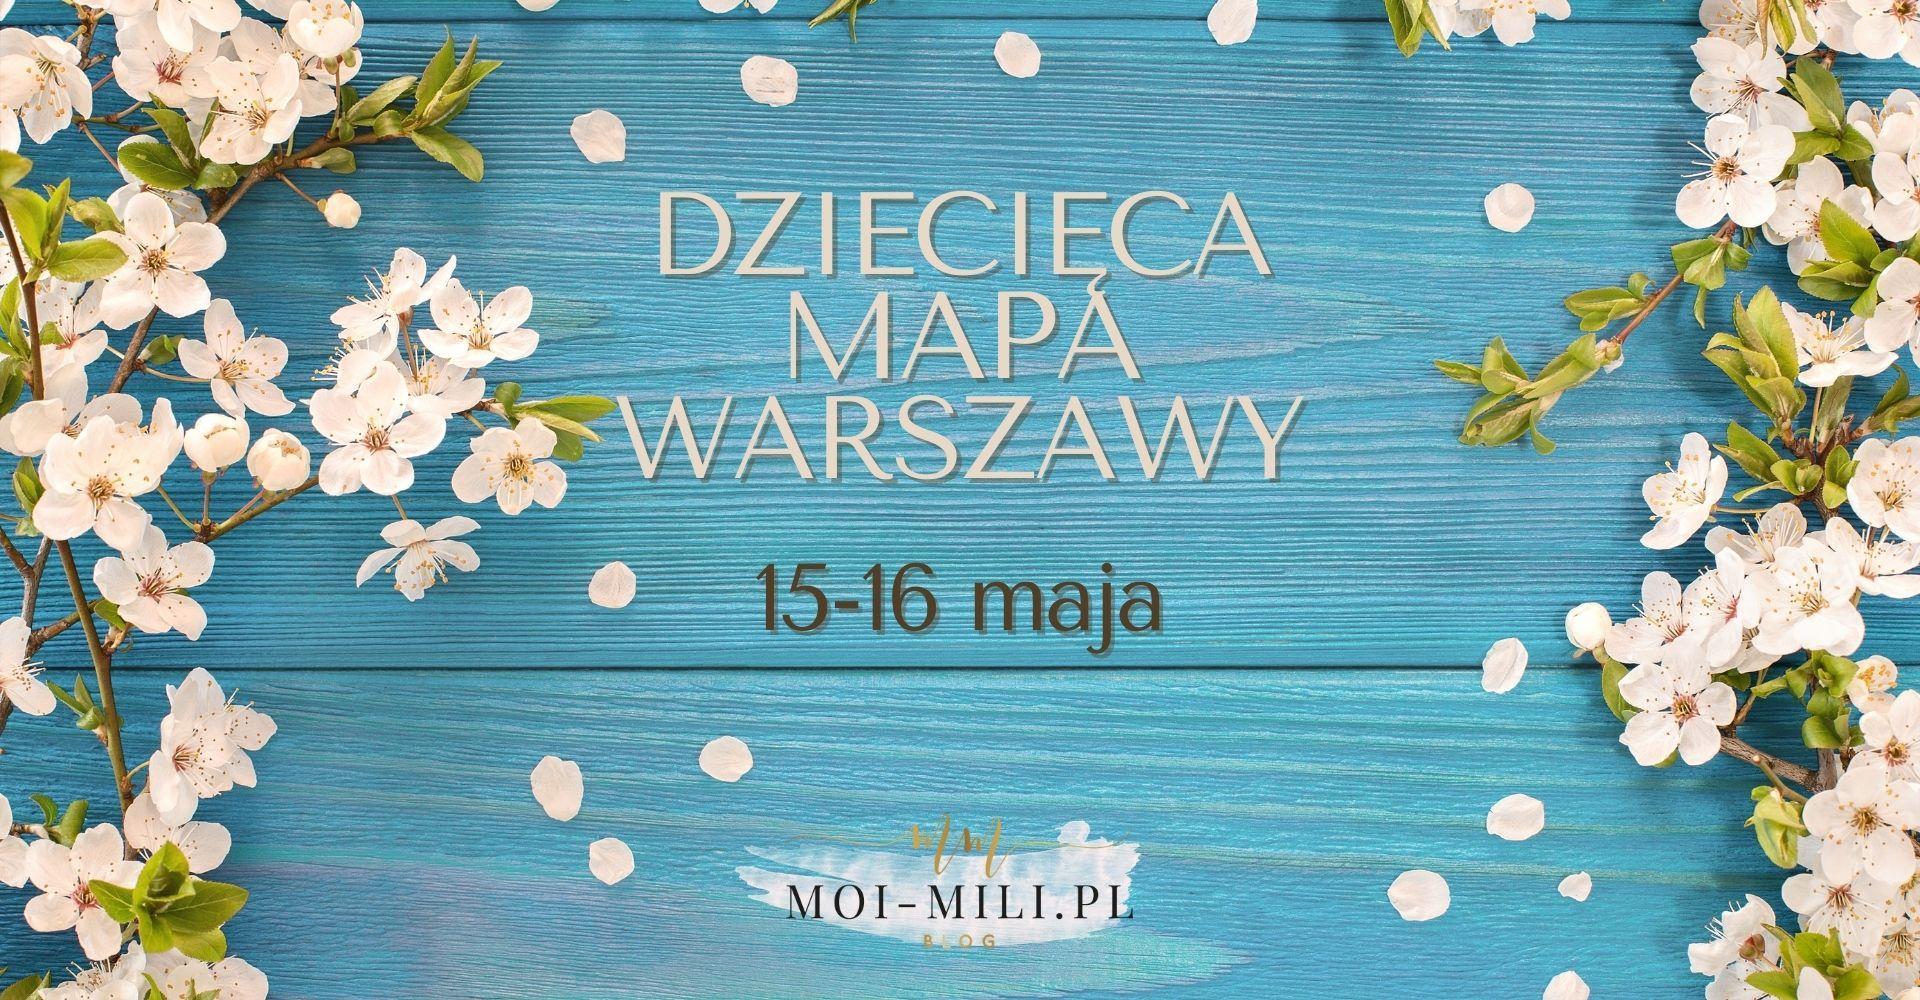 Weekendowa Zajawka, czyli co robić z dzieckiem w Warszawie 15-16 maja